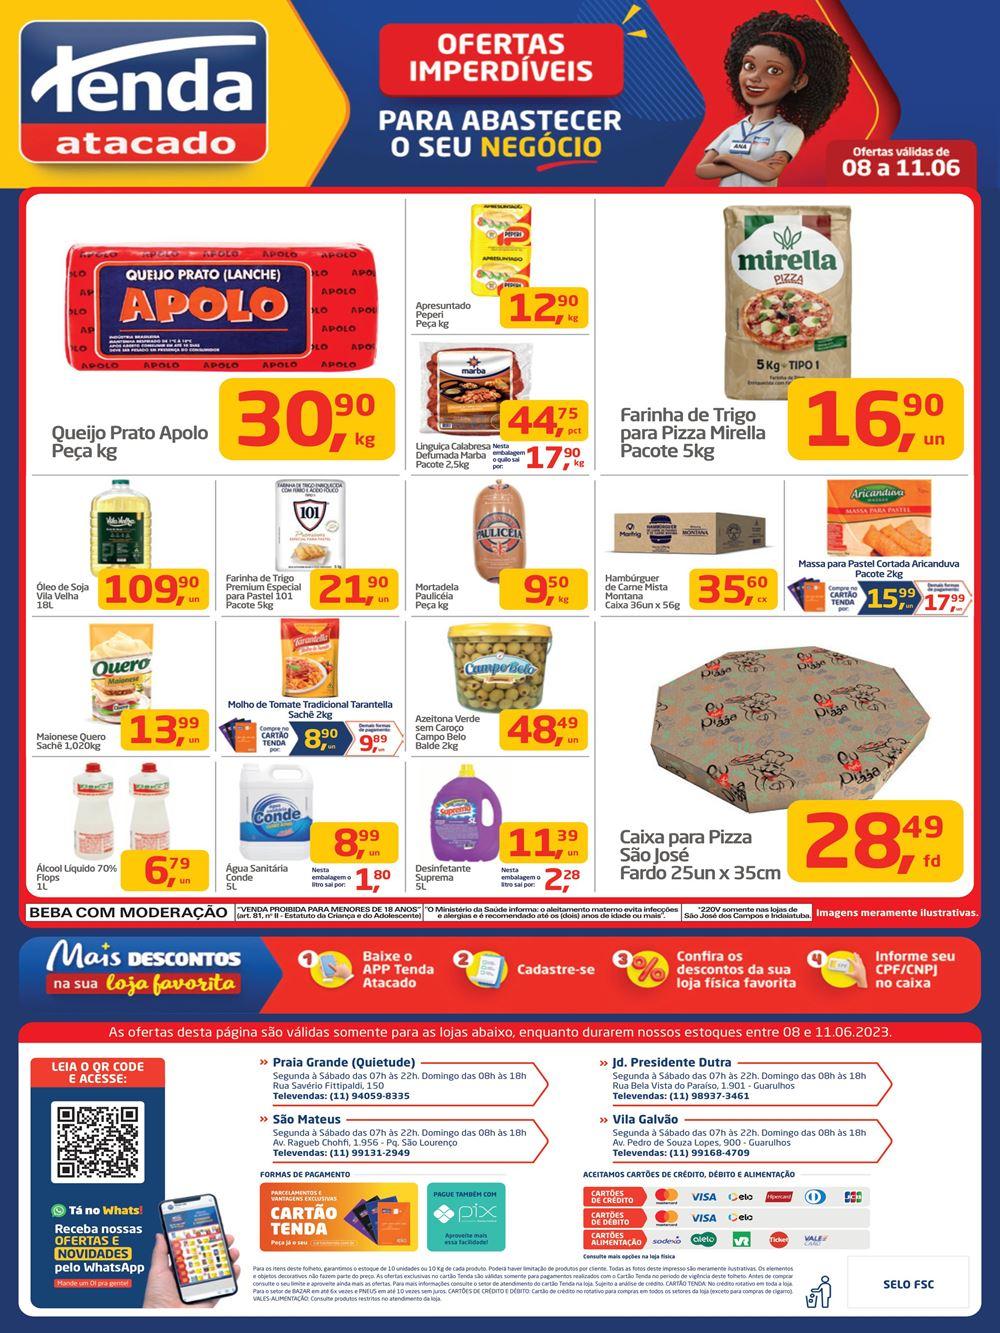 tenda-ofertas-descontos-hoje4-32 Tenda até 05/08